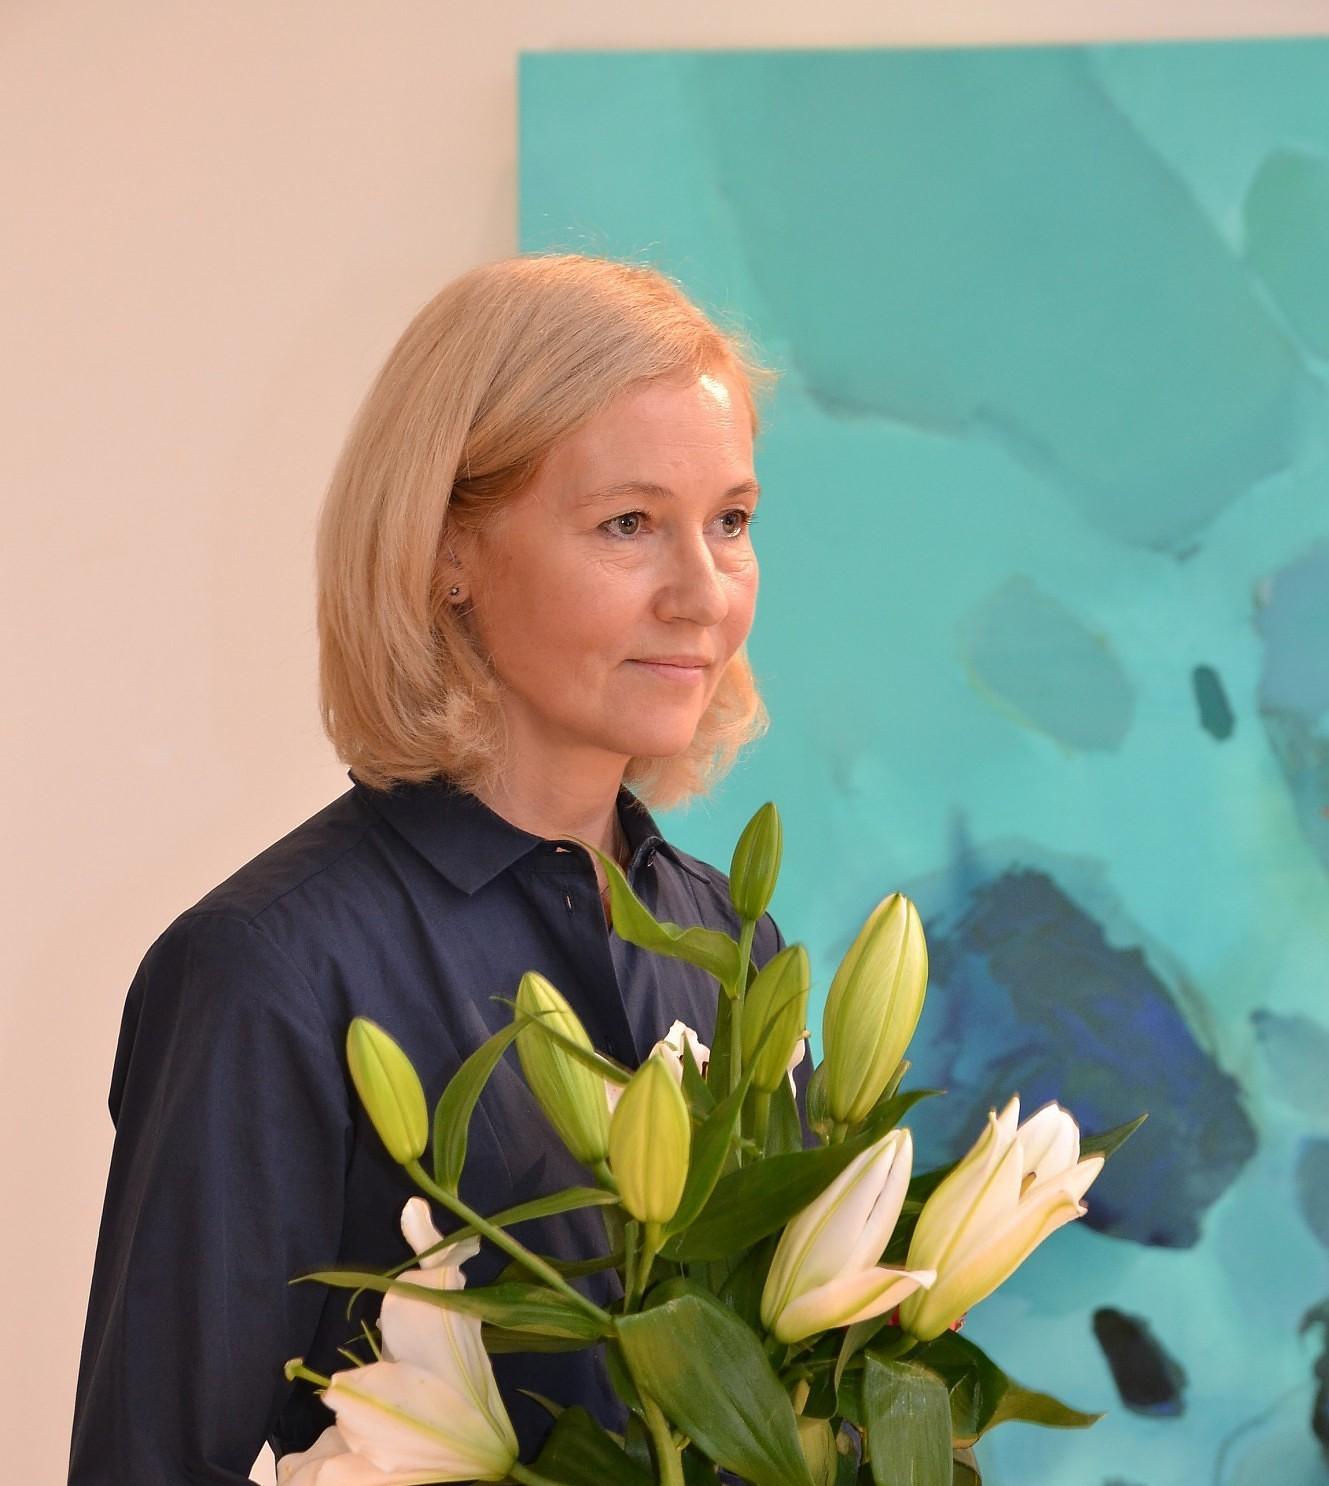 Gleznotājas Lindas Stepītes darbi uzrunā ar krāsu